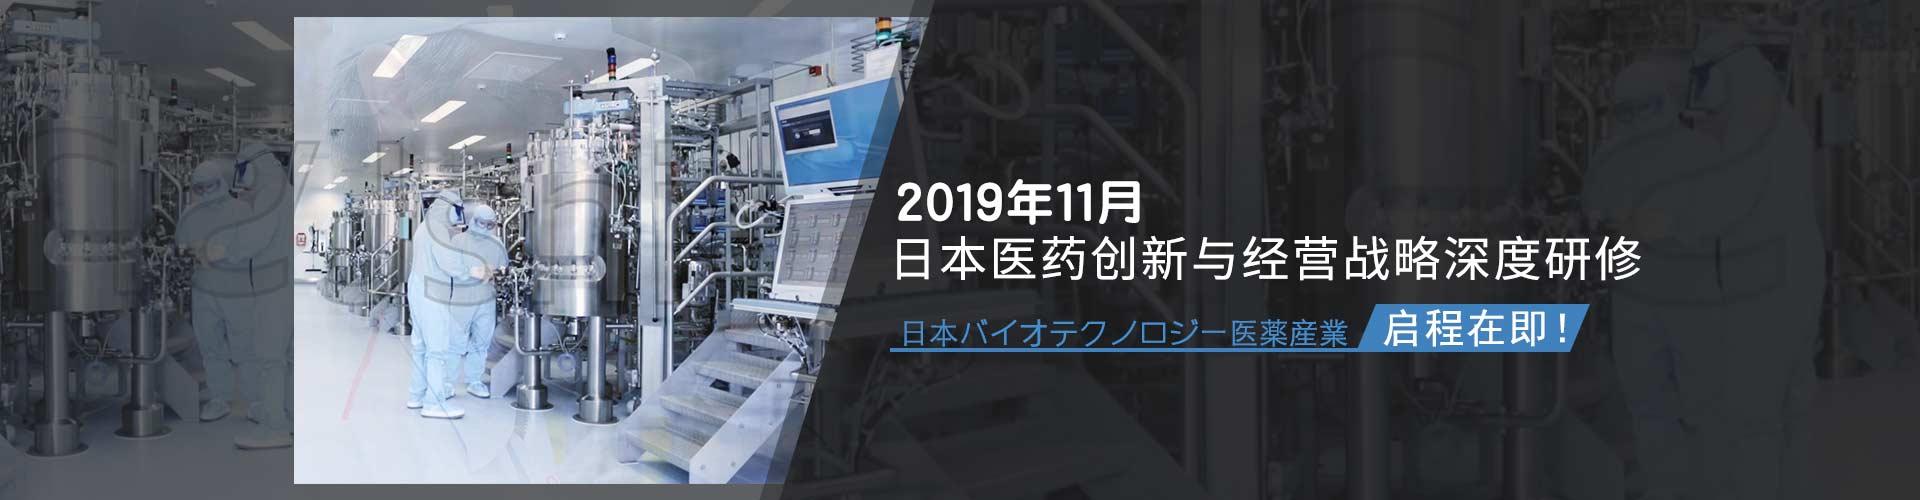 2019日本医疗研发与创新经营深度研修